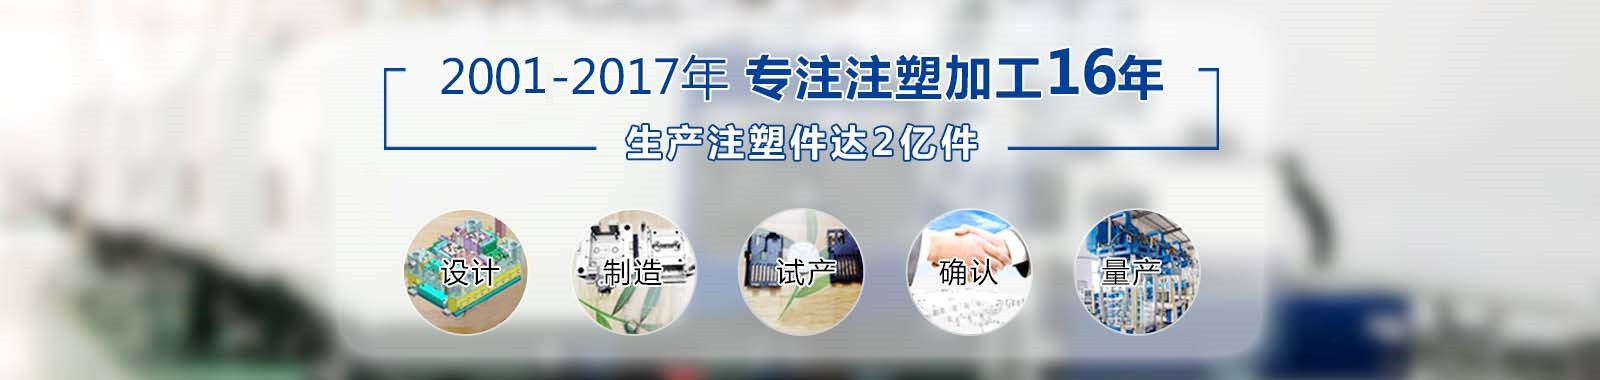 誉丰塑胶制品厂专注塑胶制品16年